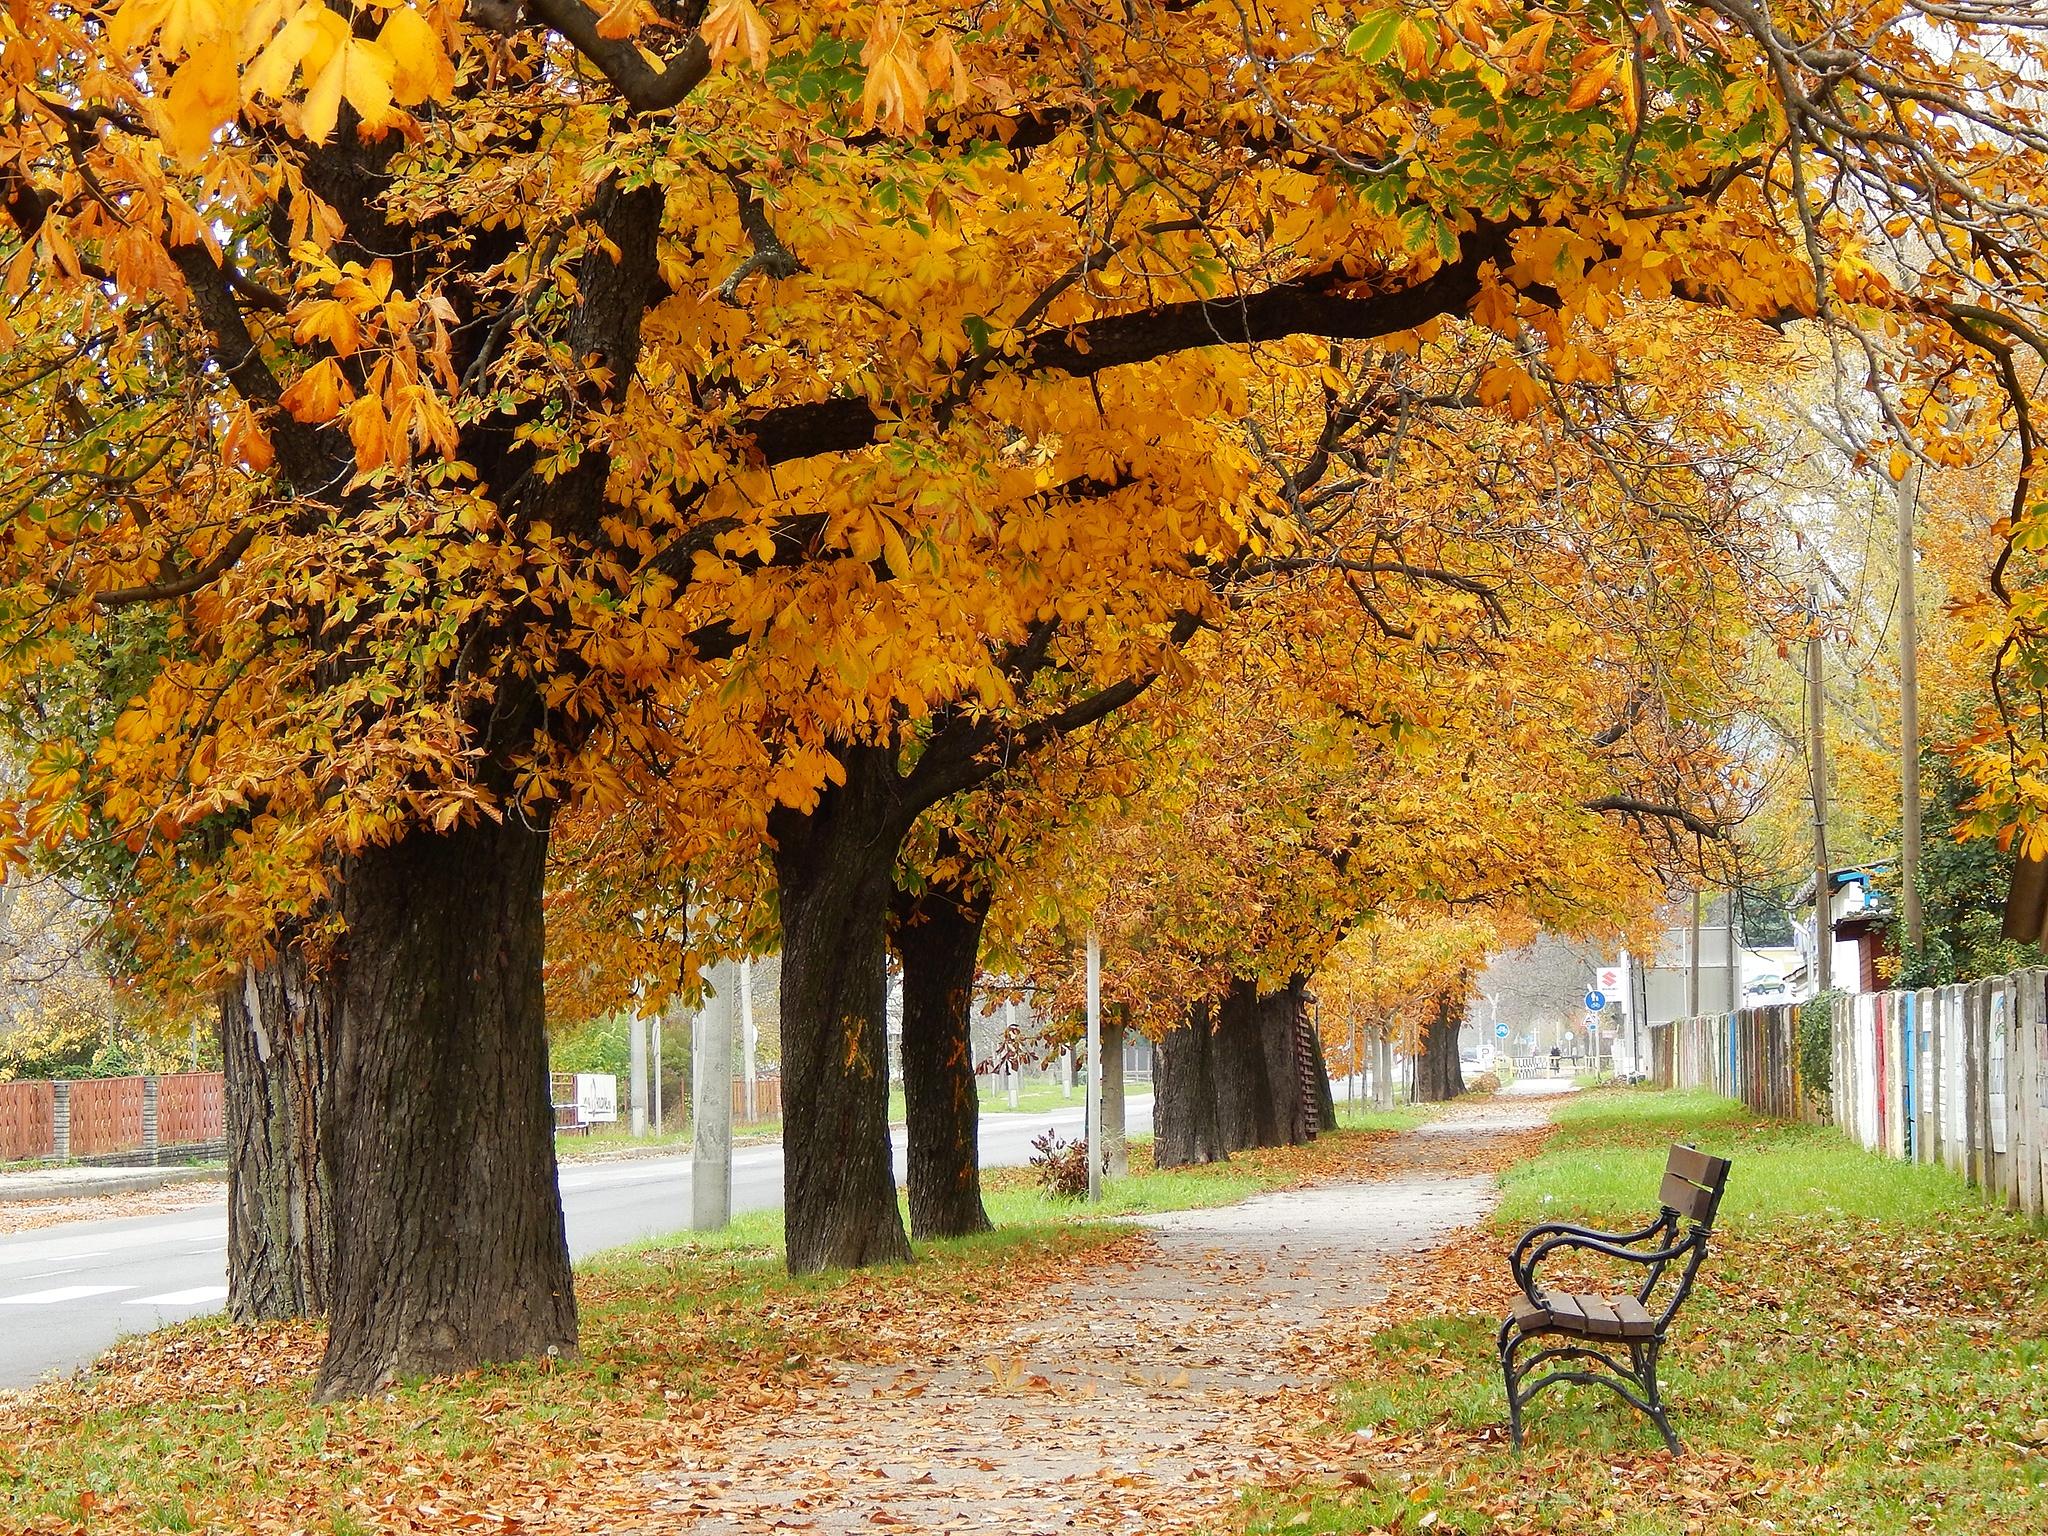 Autumn walk by Nikolett Rostási